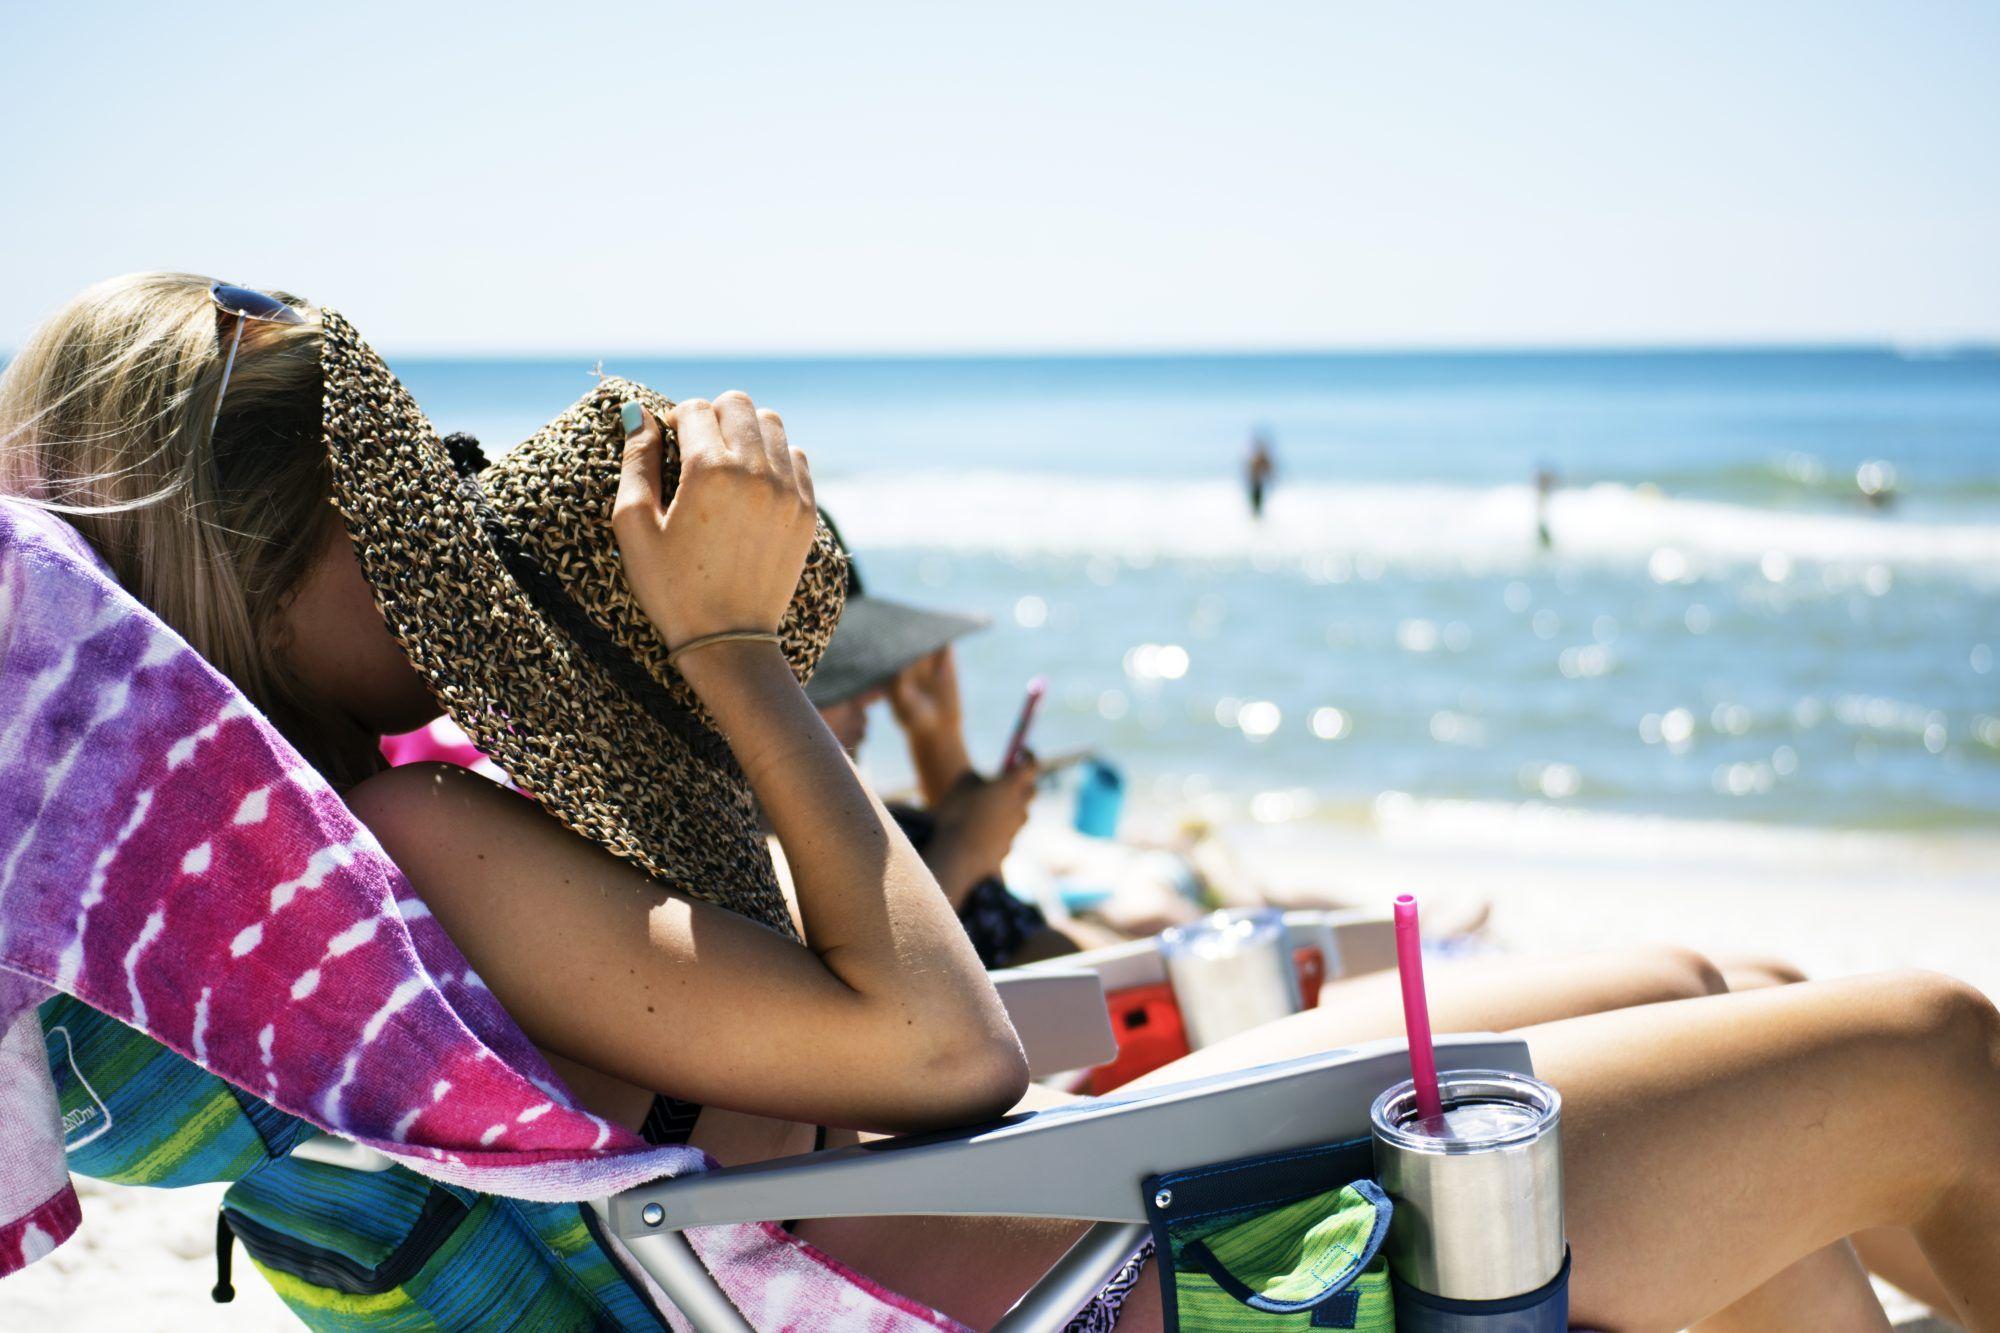 Har du blitt solbrent i ferien? Her får du tipsene til hvordan du kan behandle solbrenthet hjemme med enkle råvarer du kanskje har allerede!